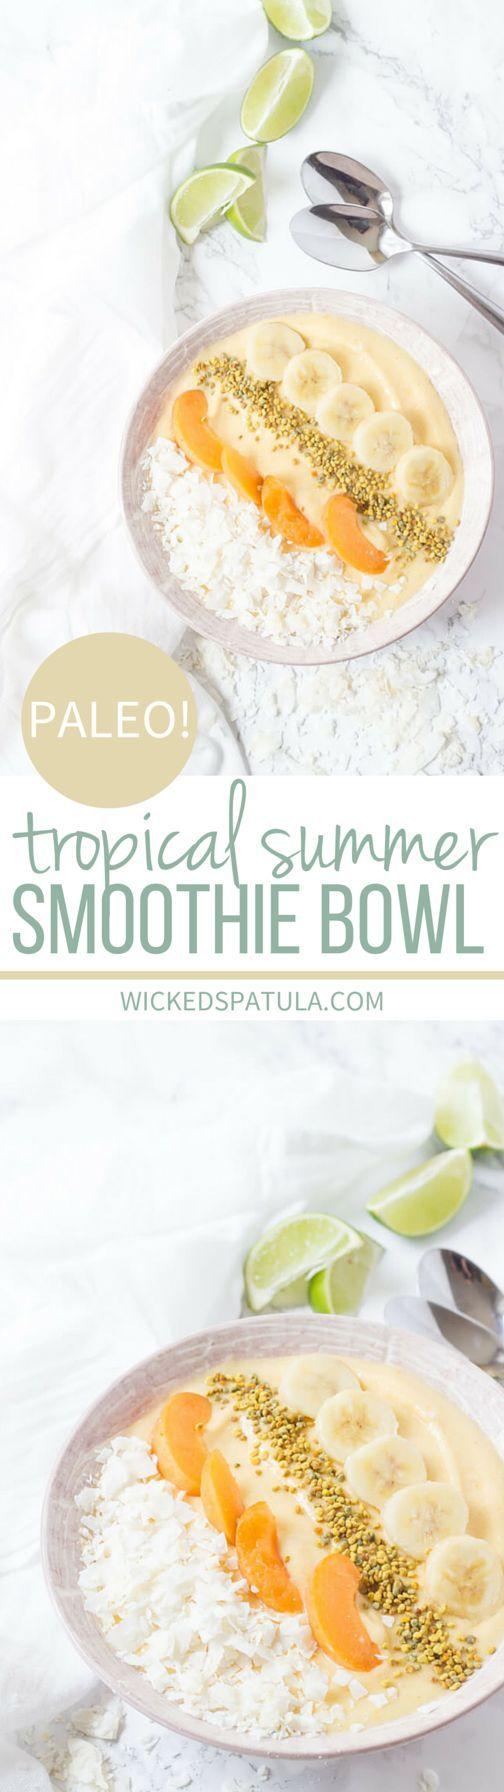 Paleo Tropical Summer Smoothie Bowl #paleo #grainfree #glutenfree